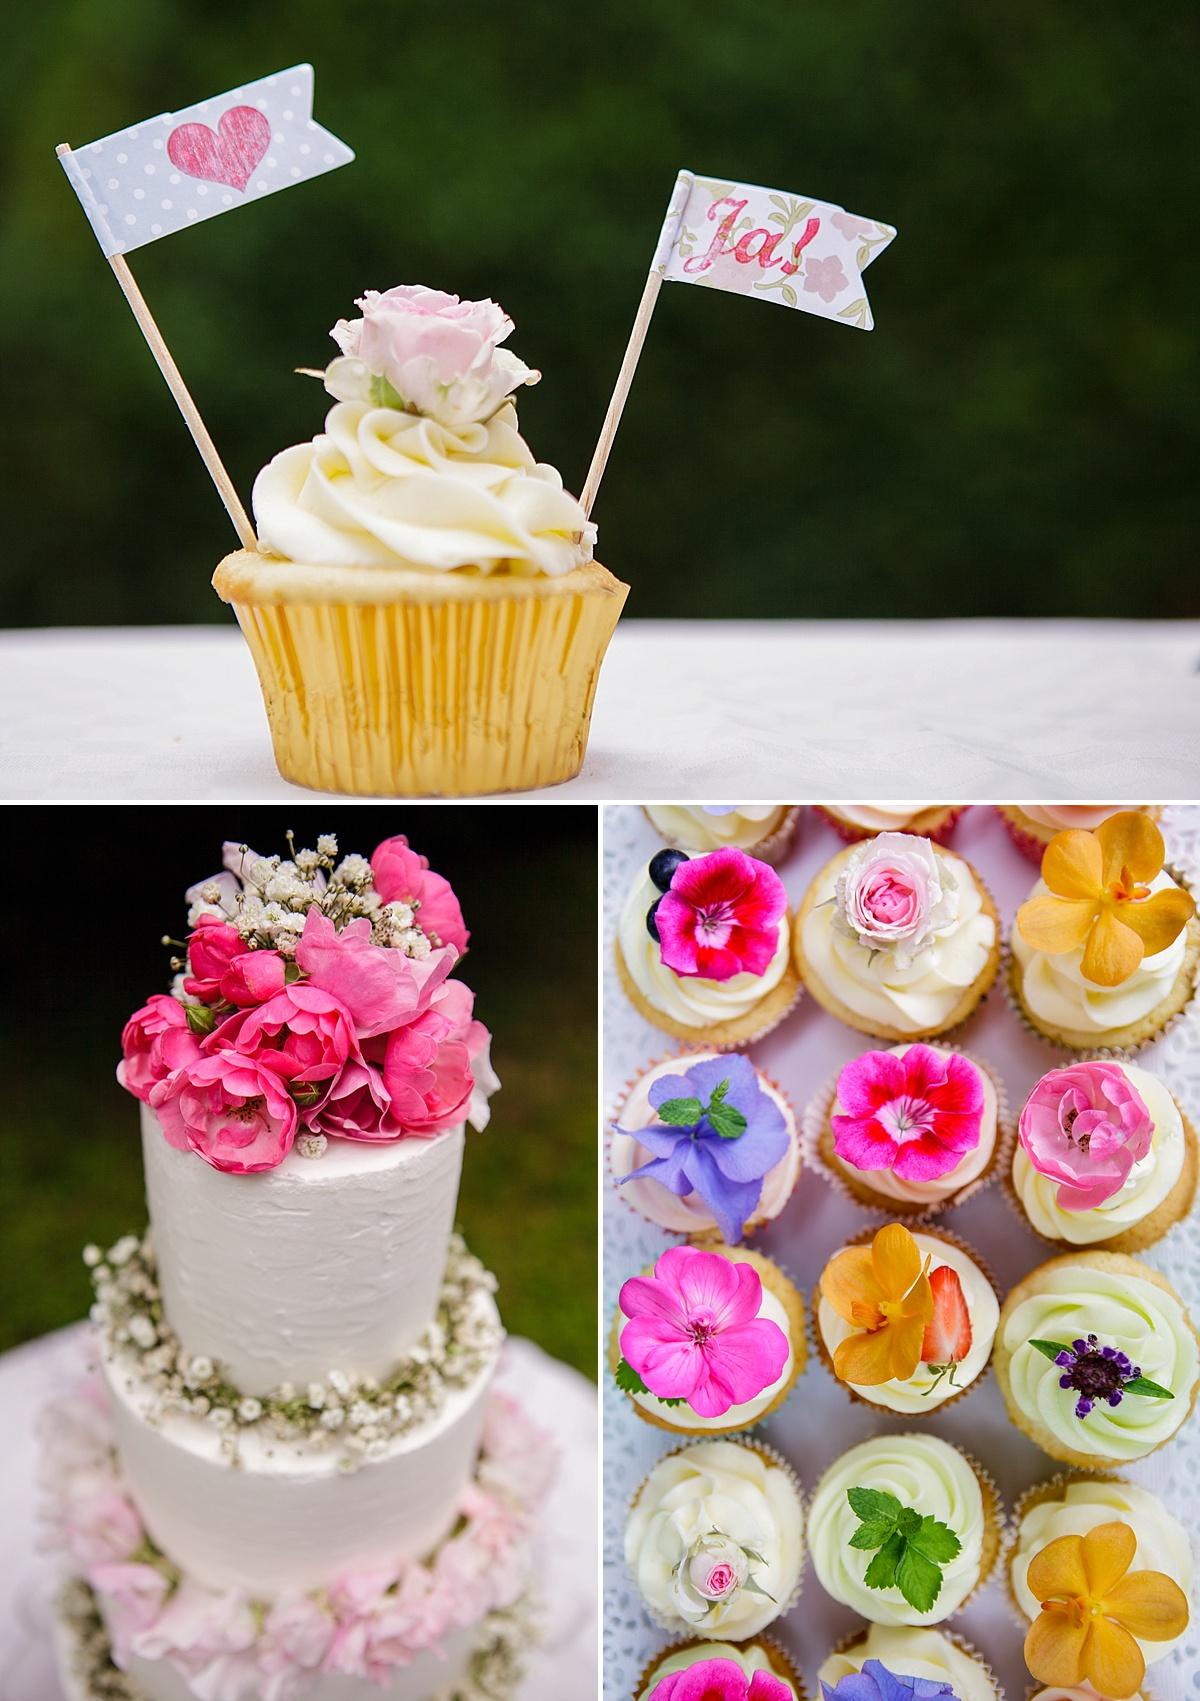 Hochzeitstorte_Cupcakes_Blumen_0011